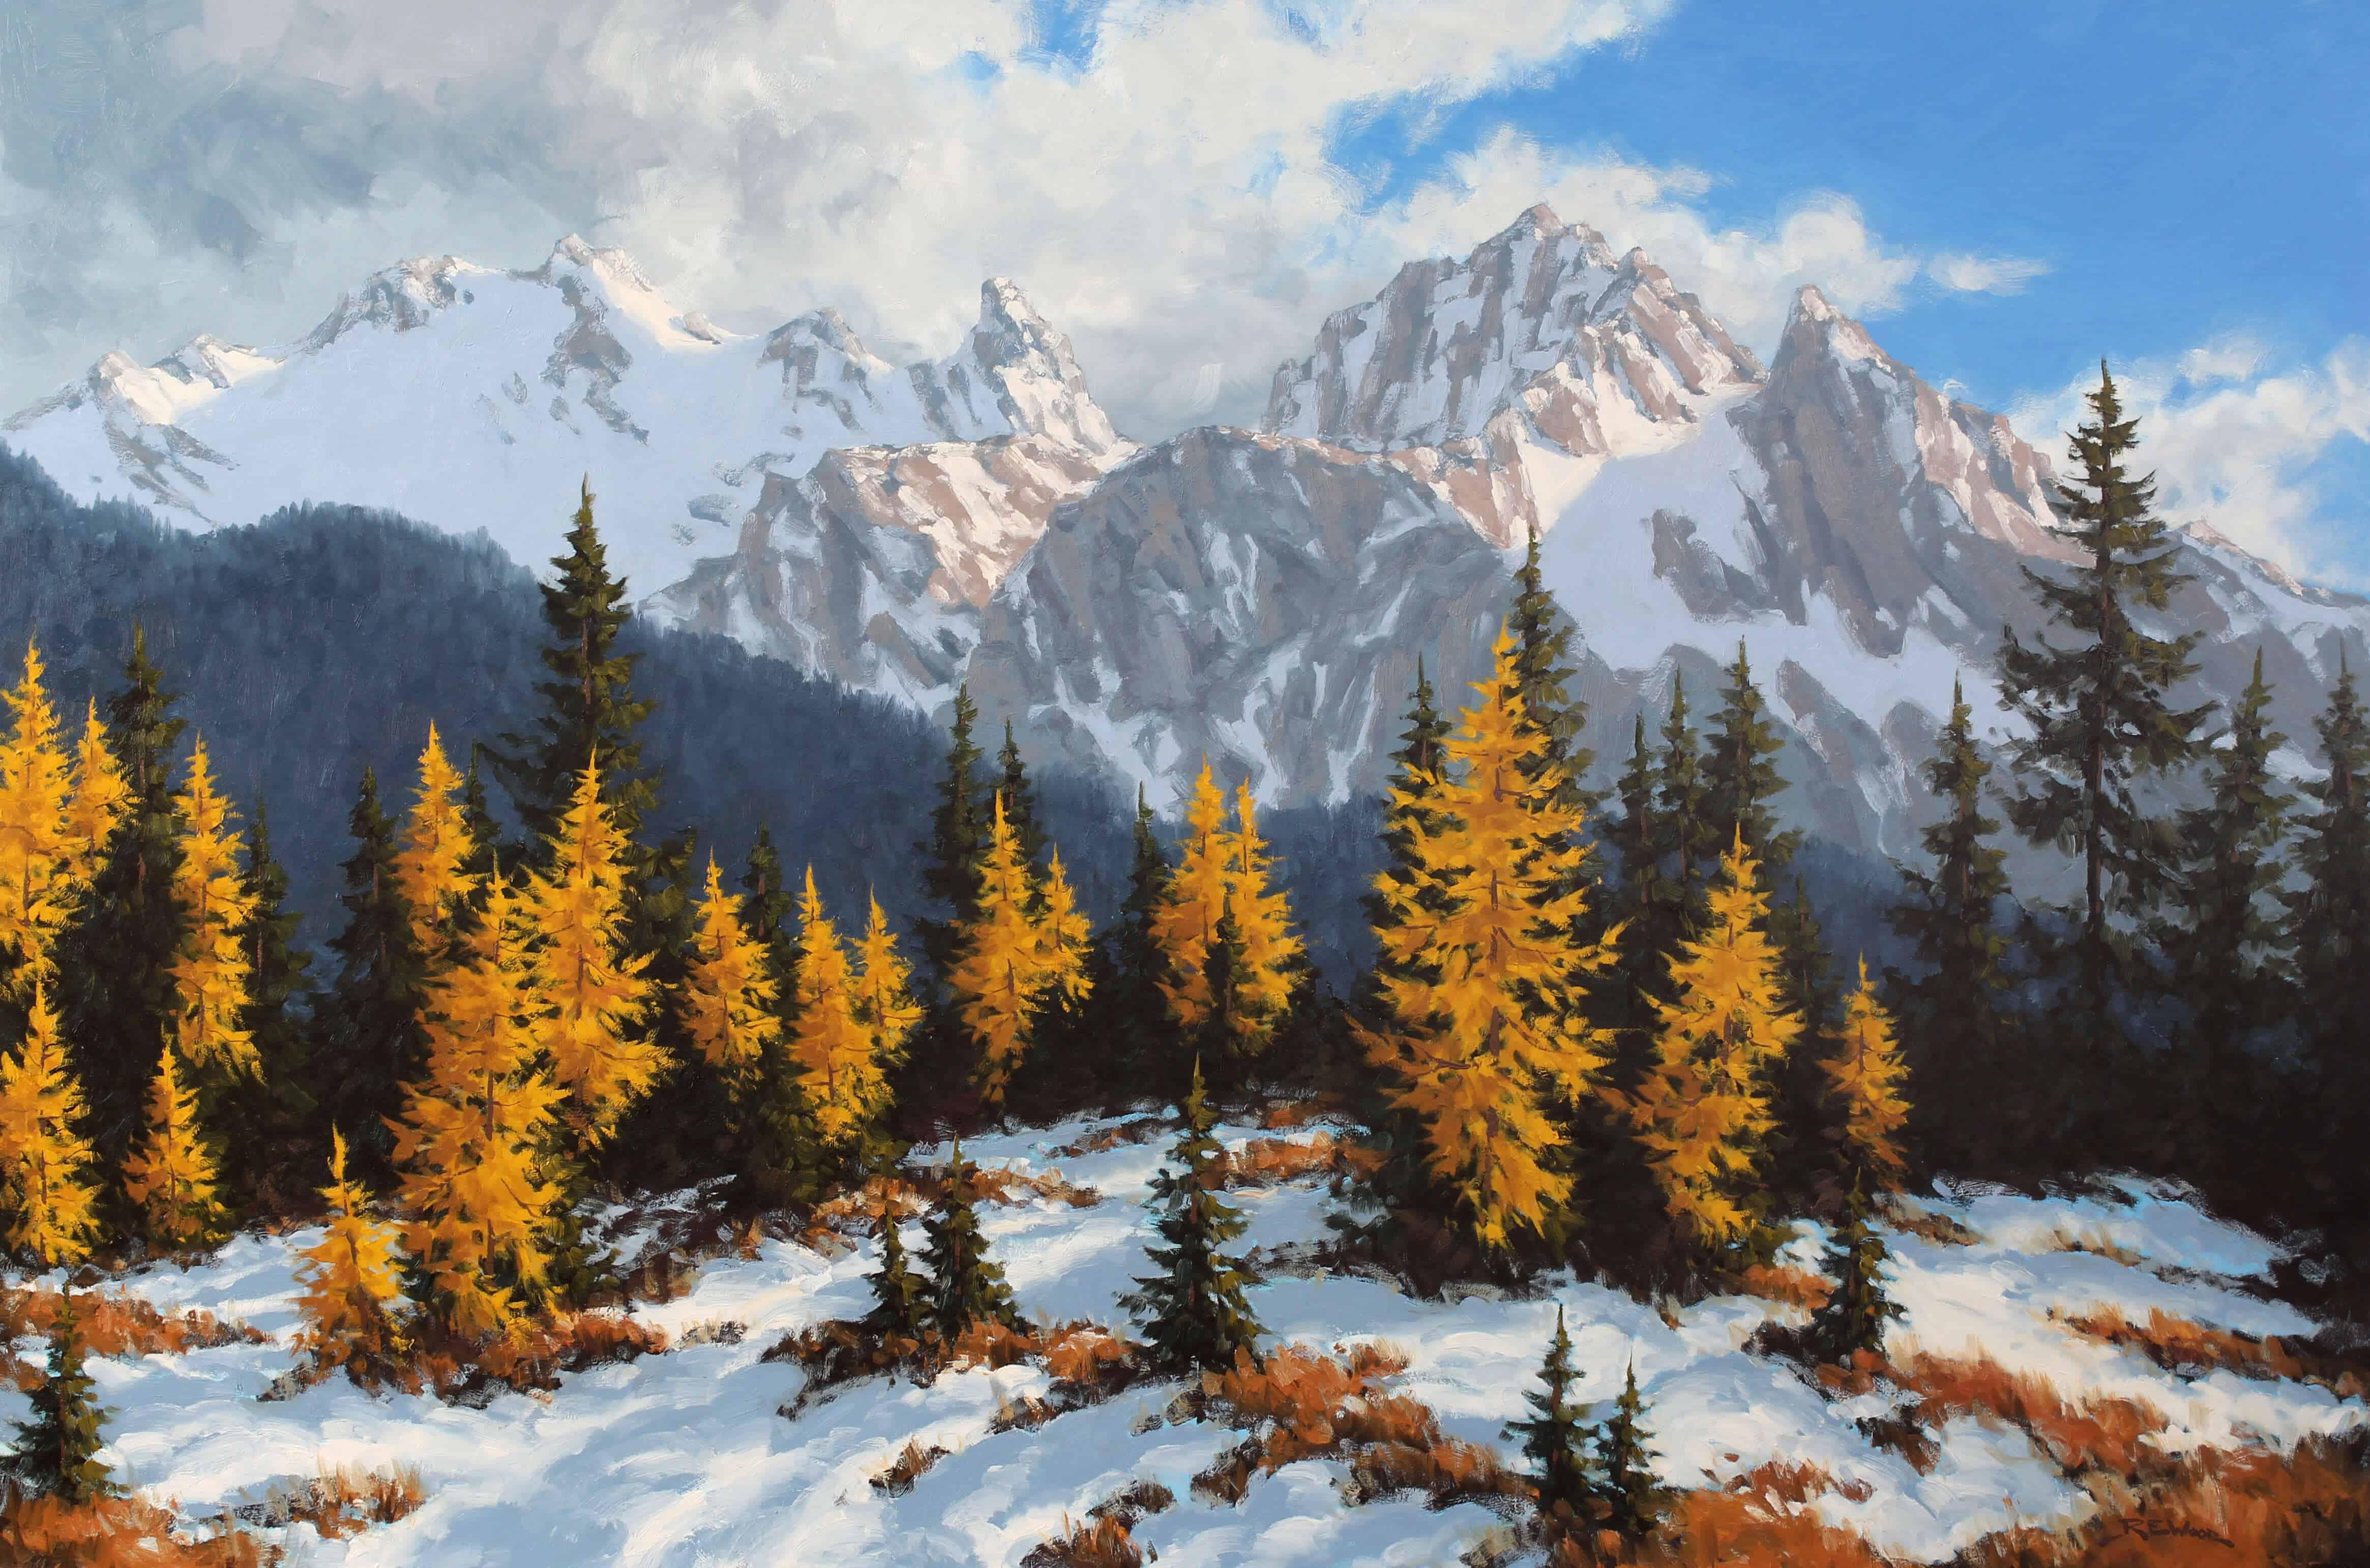 Robert E Wood Golden Larch Highwood Pass 40x60